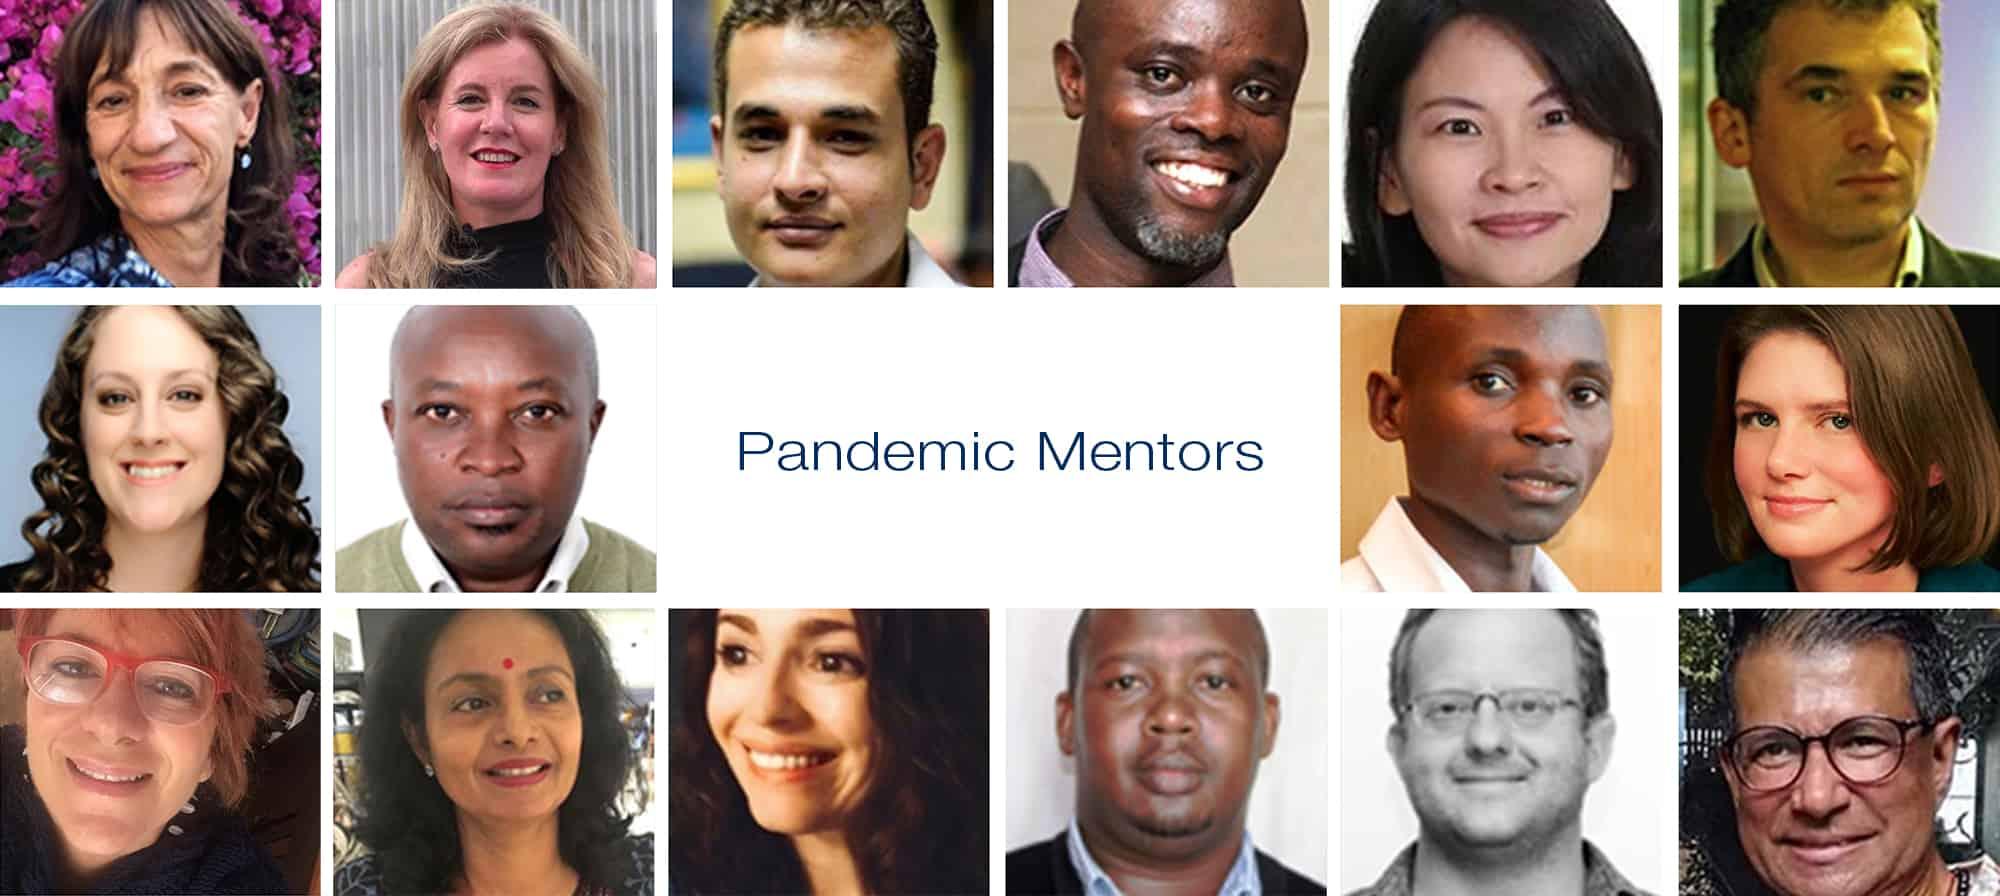 Photo montage of mentors faces